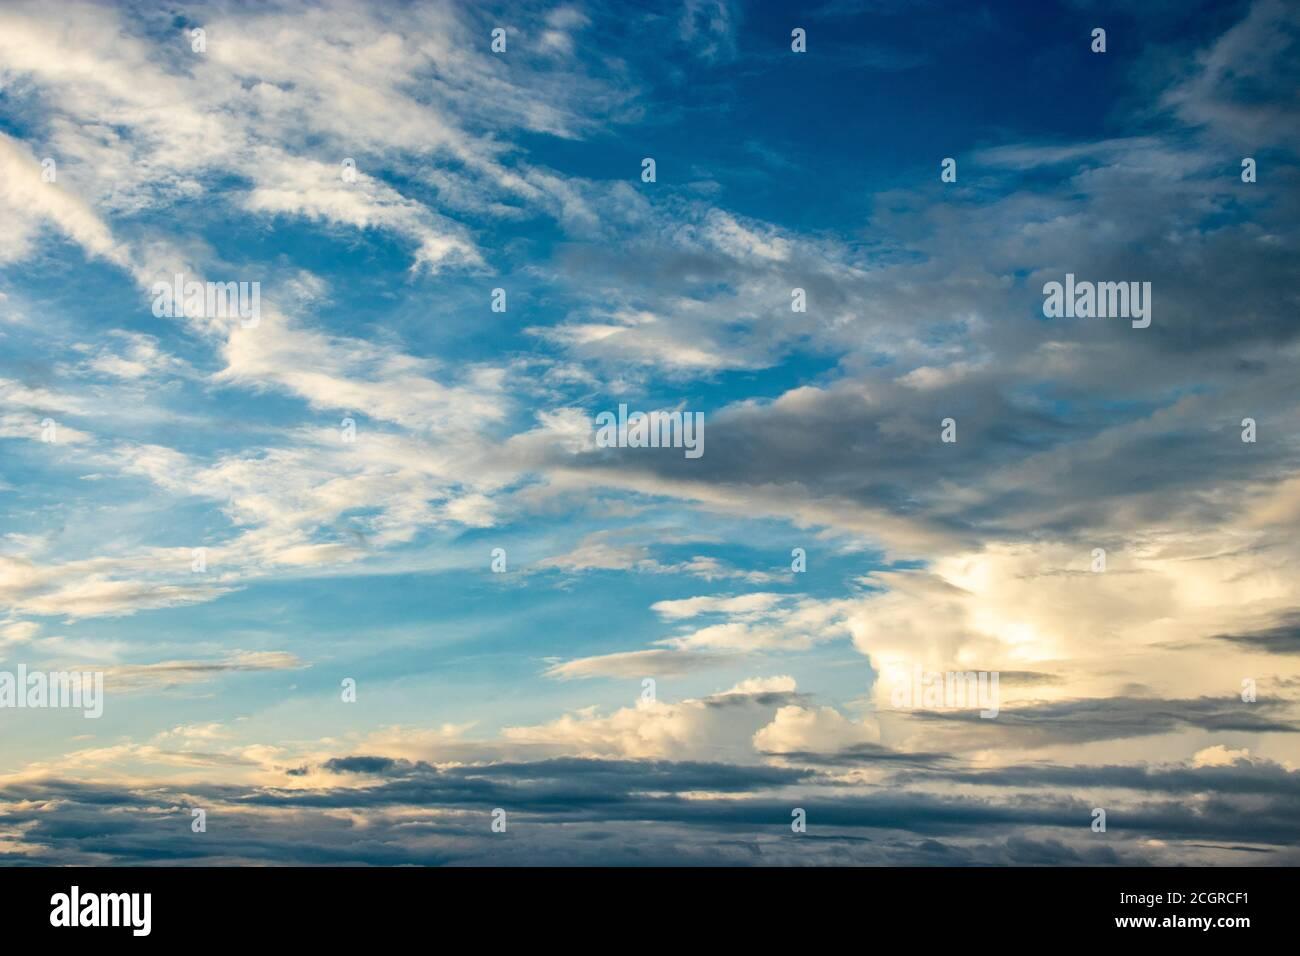 Dramatischer Himmel am Abend mit Wolken Bild ist die heitere Schönheit der Natur. Stockfoto